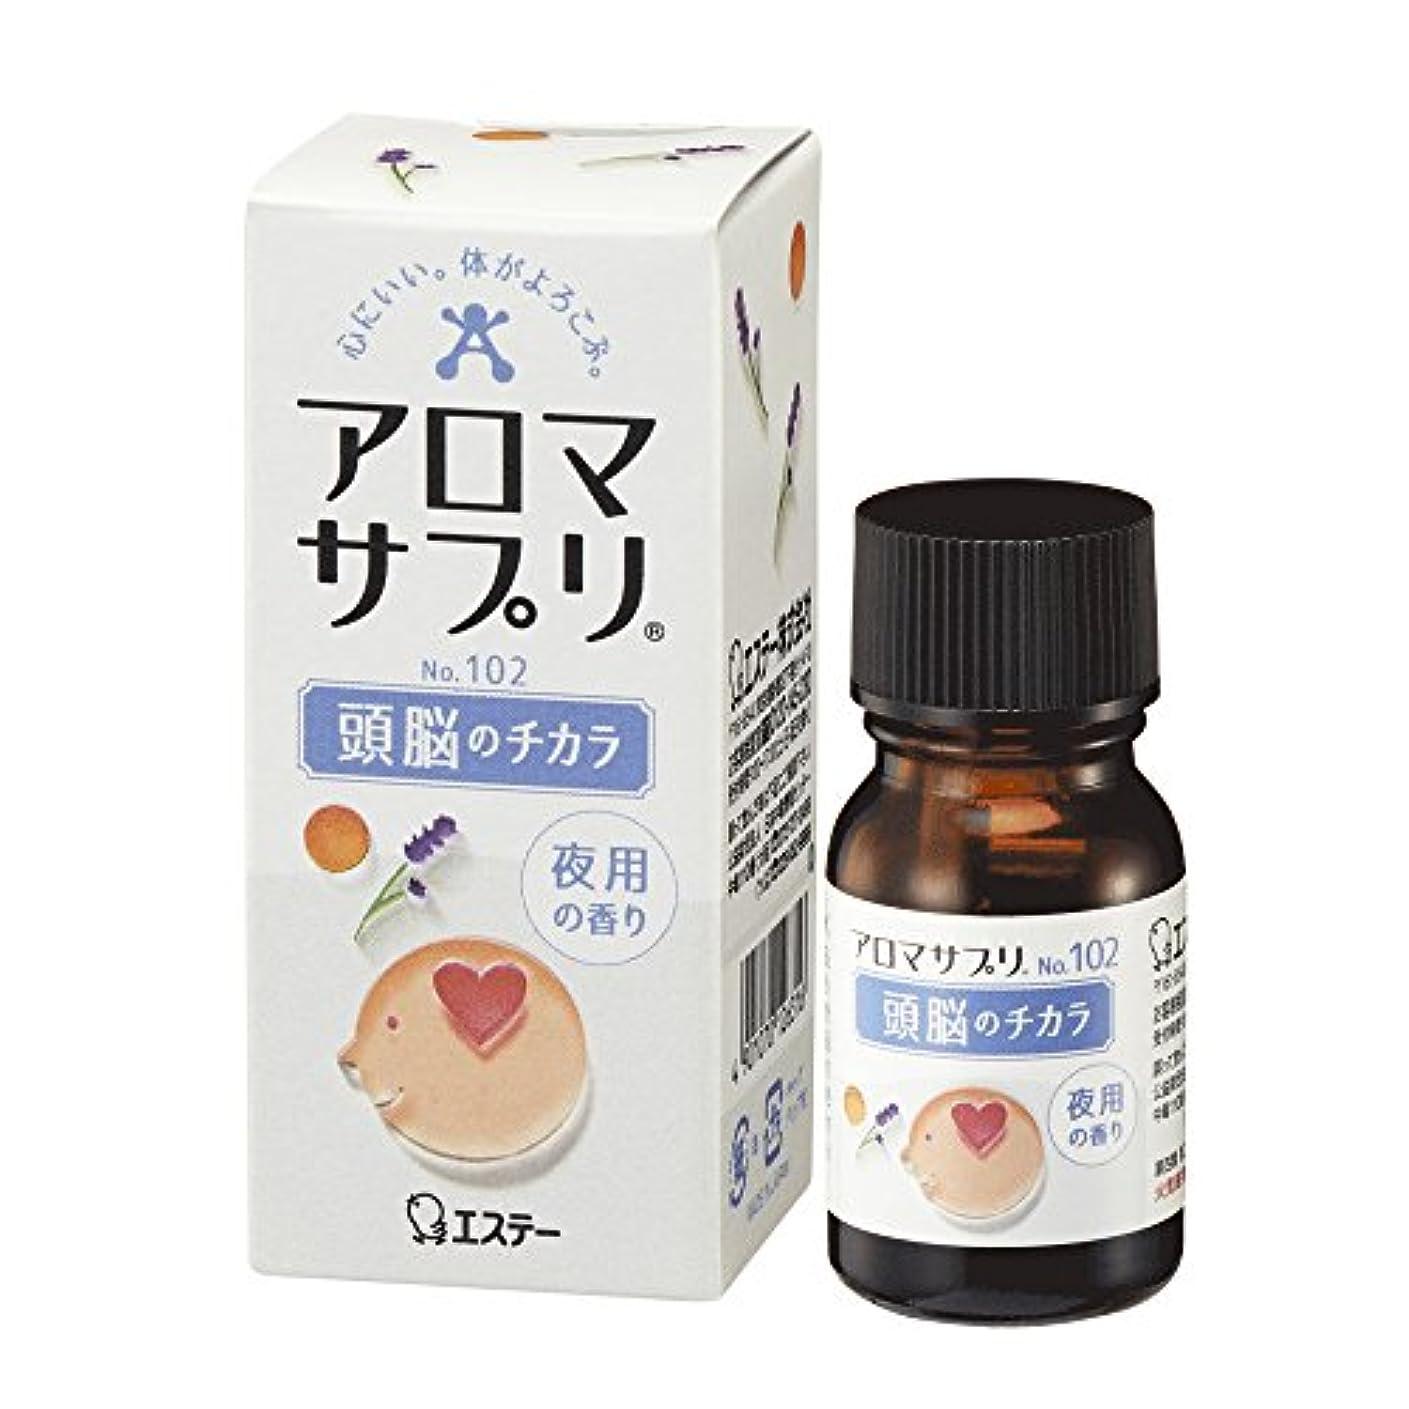 有利編集するインシデントアロマサプリ 100%天然ブレンドアロマ 頭脳のチカラ 夜用の香り 真正ラベンダー&スイートオレンジ 10ml (約60回分)